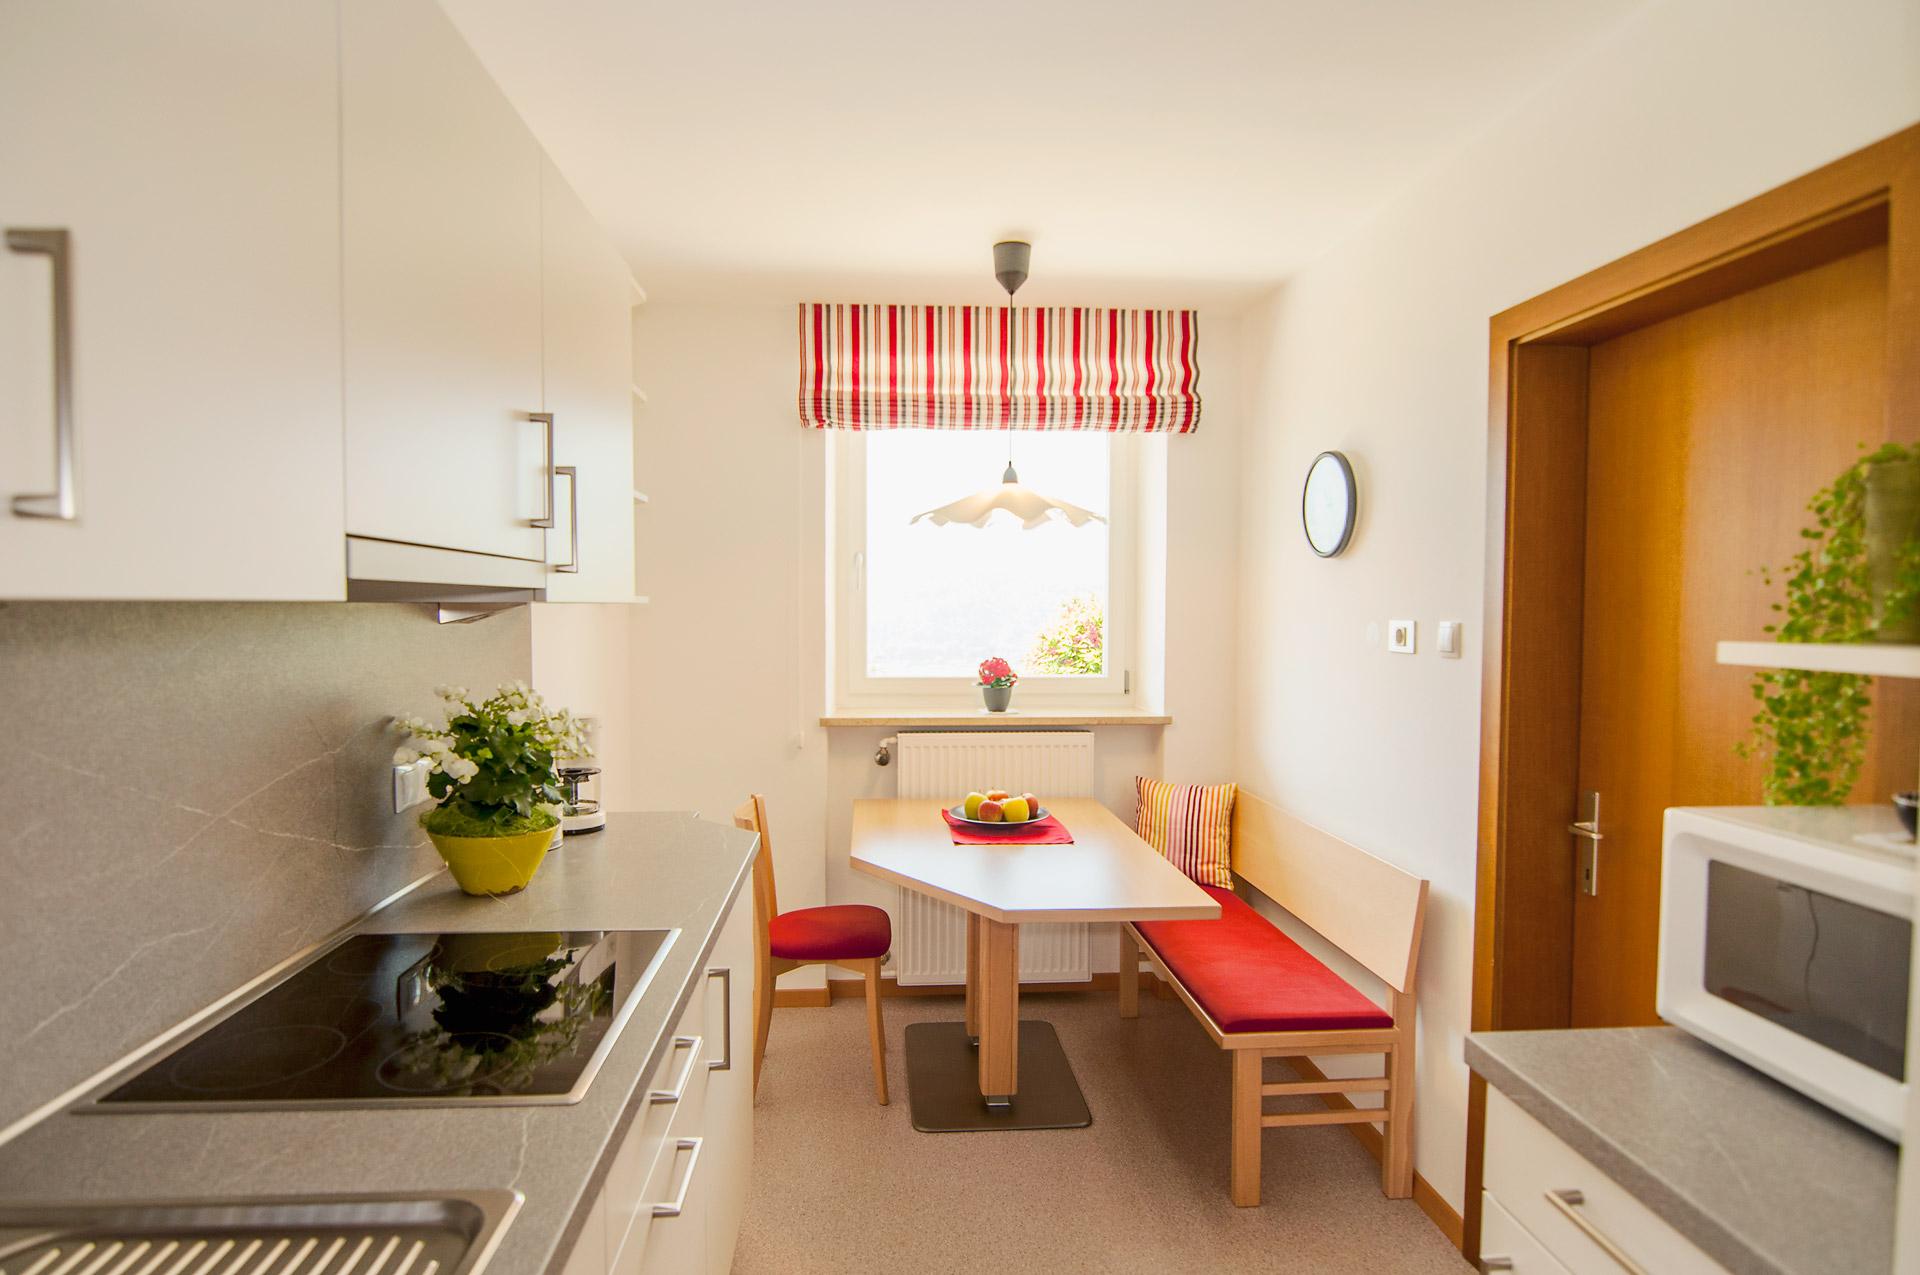 Unsere Wohnungen | Ferienwohnungen Klostergut